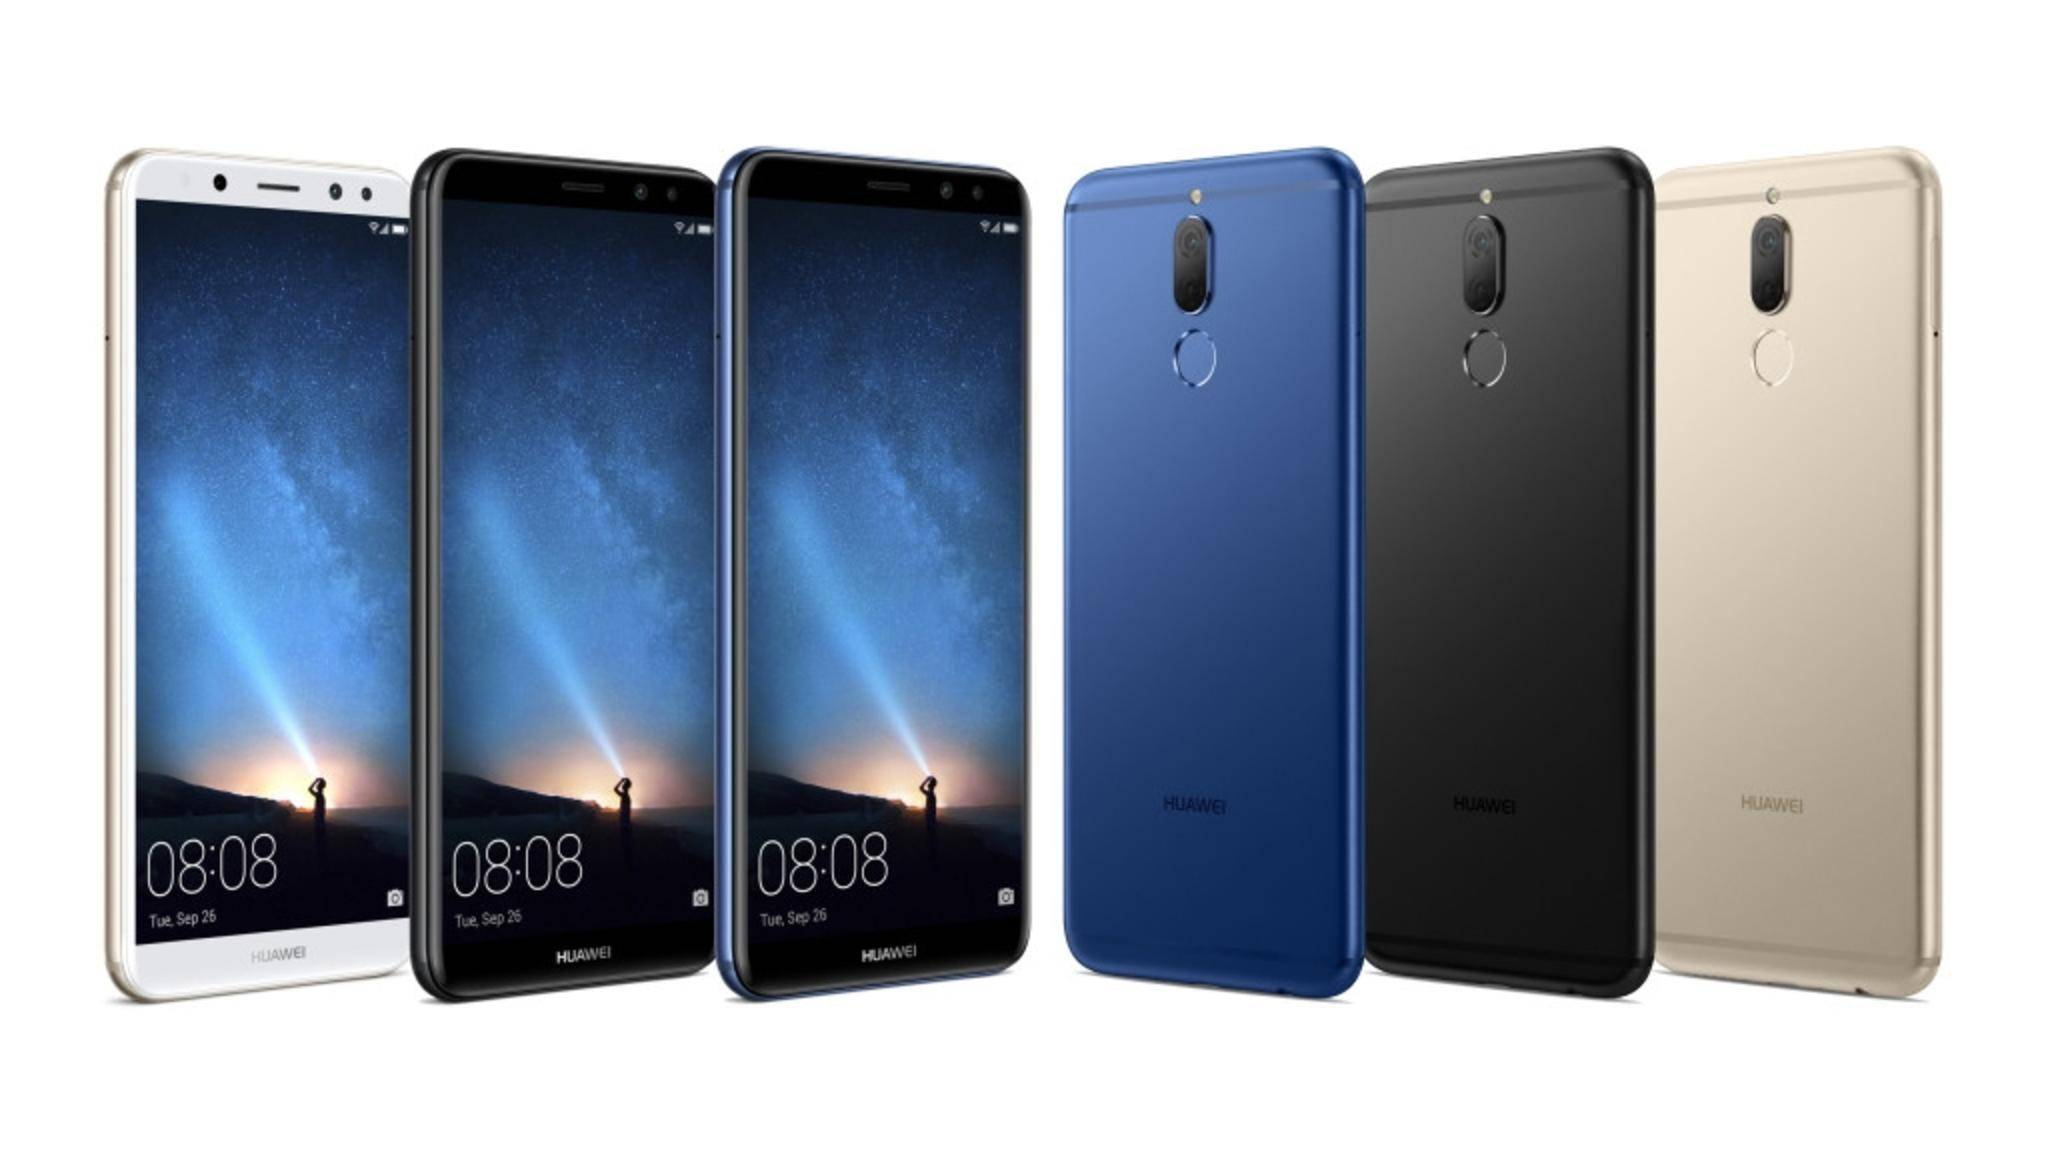 Das Huawei Mate 10 Lite soll für knapp 350 Euro auf den Markt kommen.